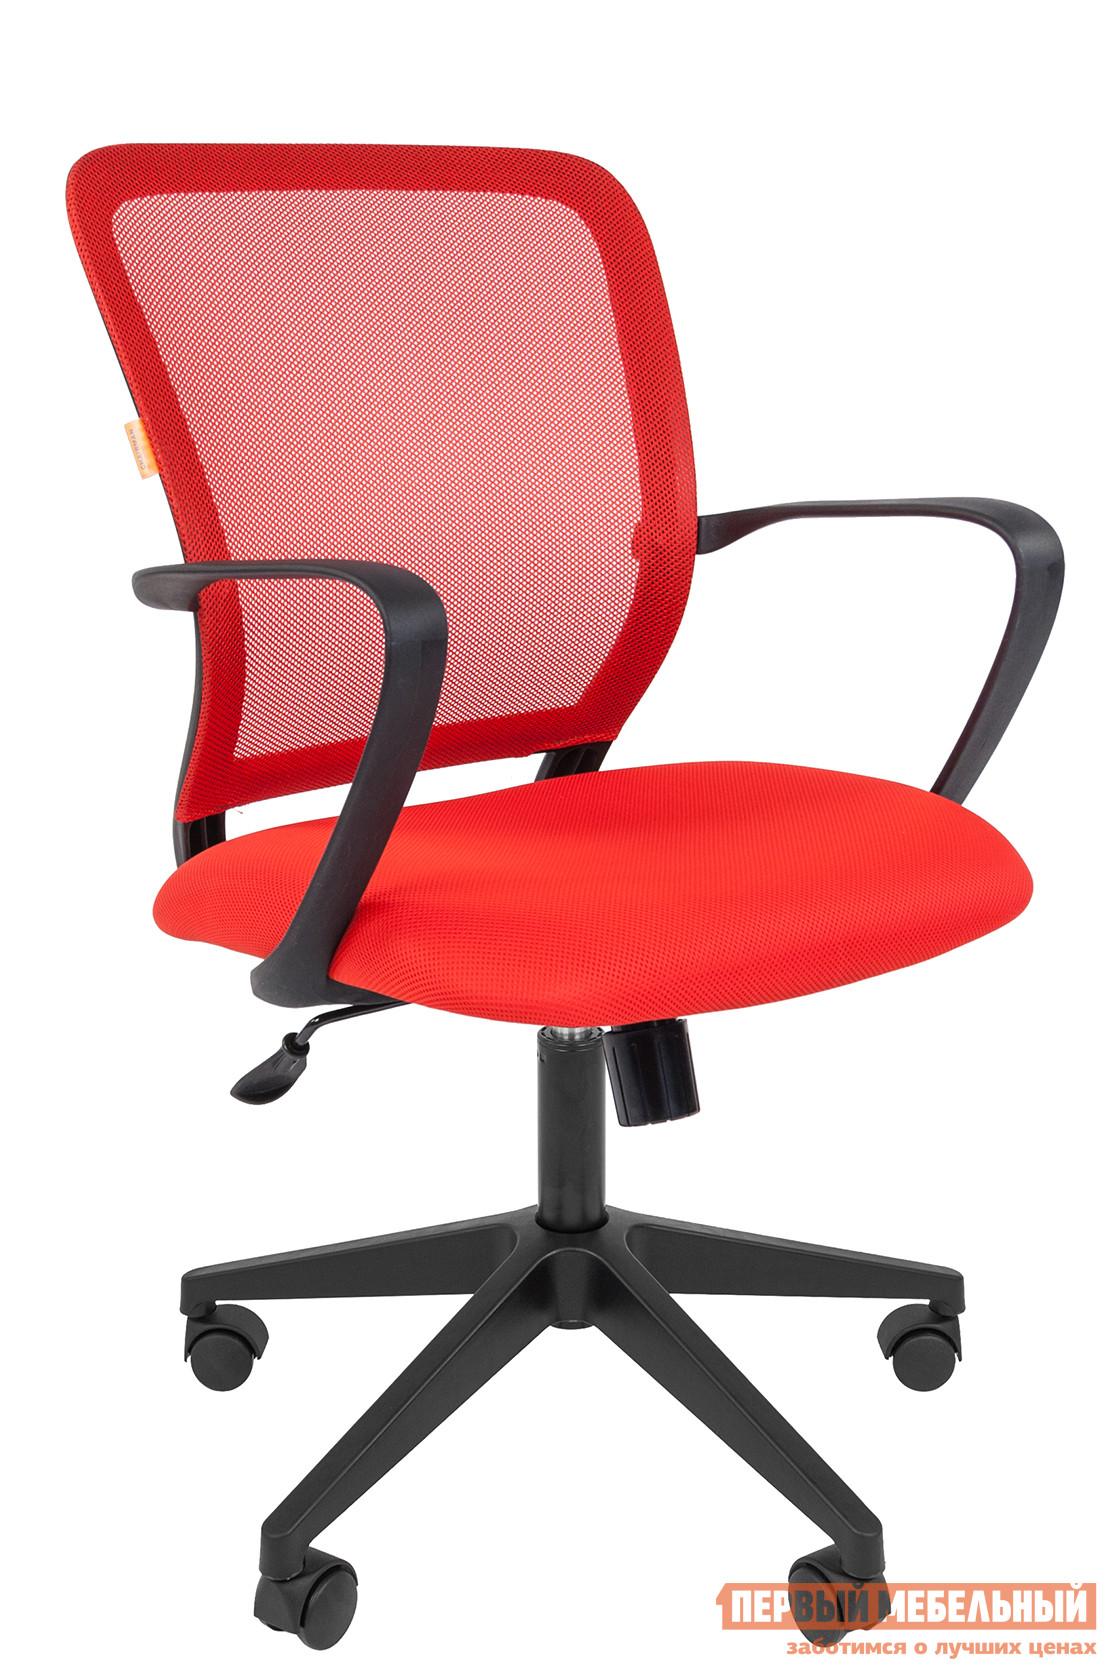 лучшая цена Офисное кресло Тайпит chairman 698